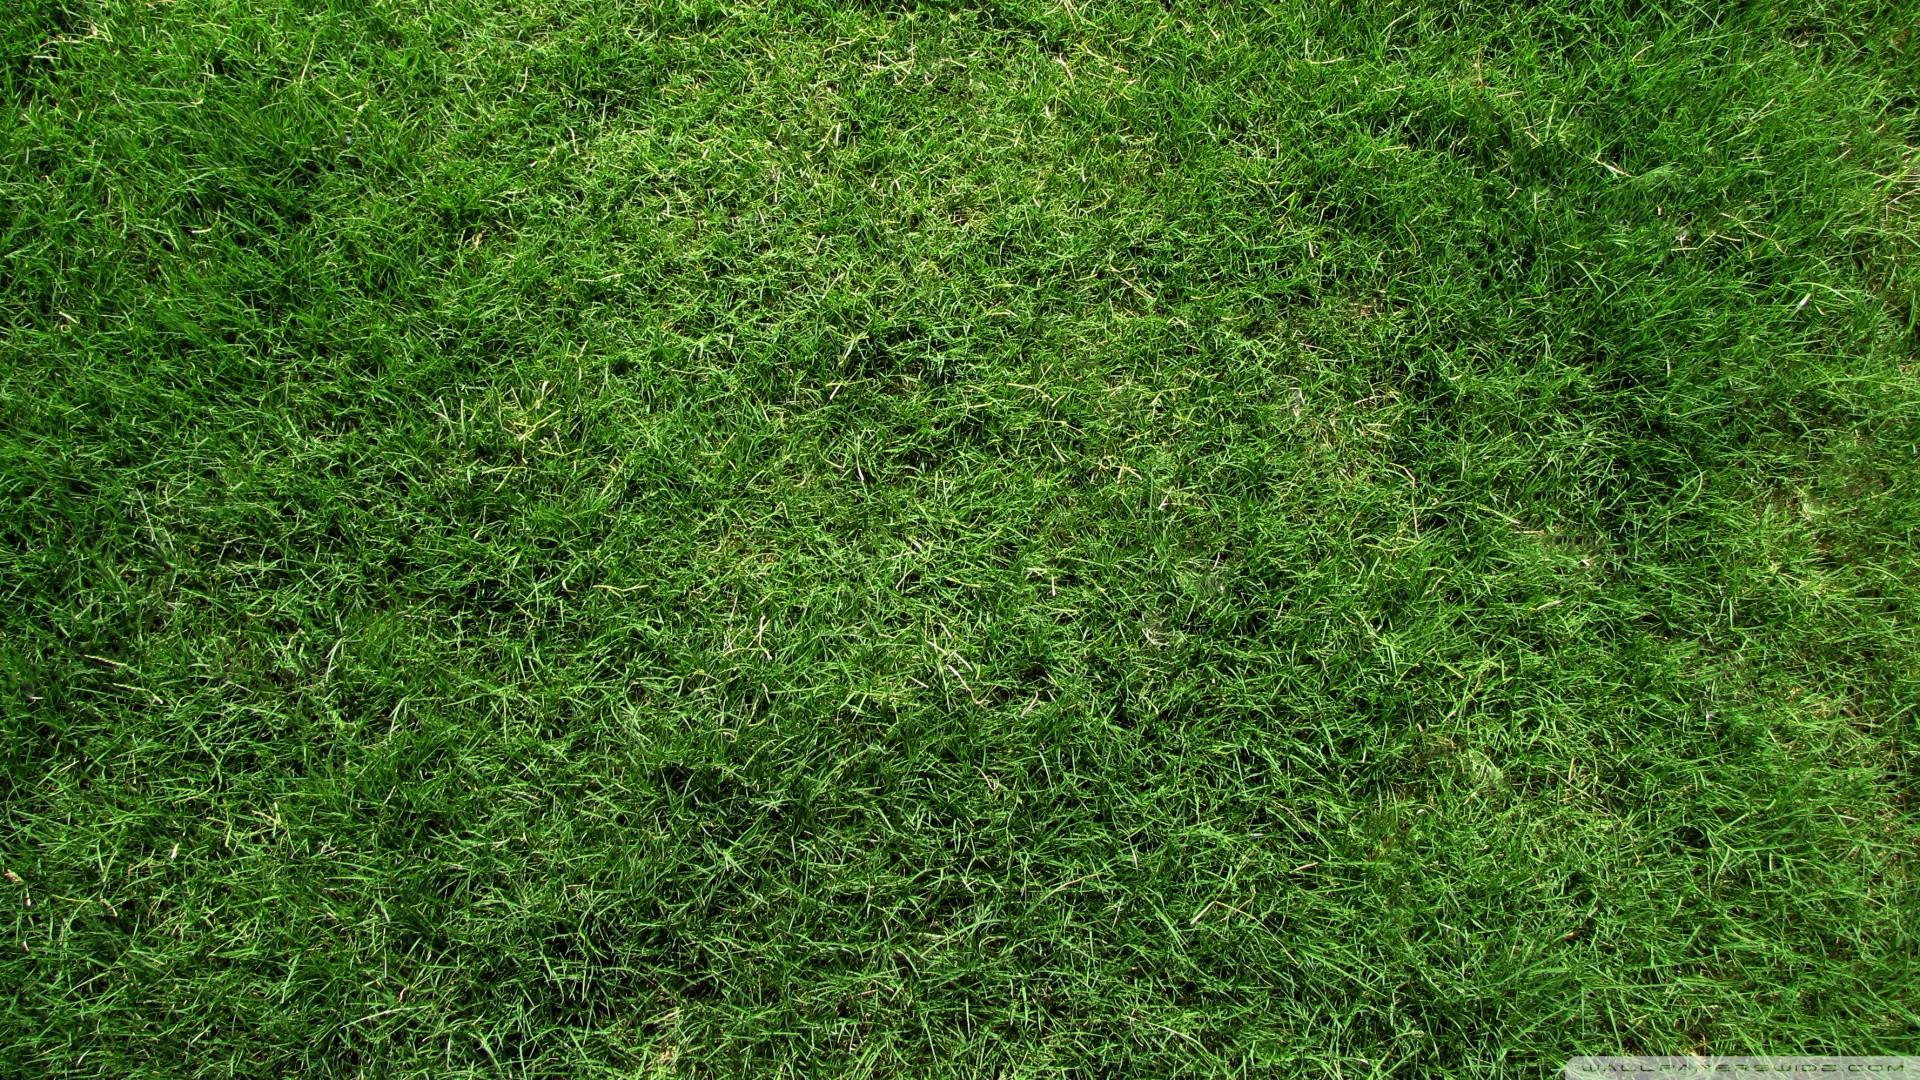 Sfondi Piante Verde Foglia Fiore Prateria Pianta Prato